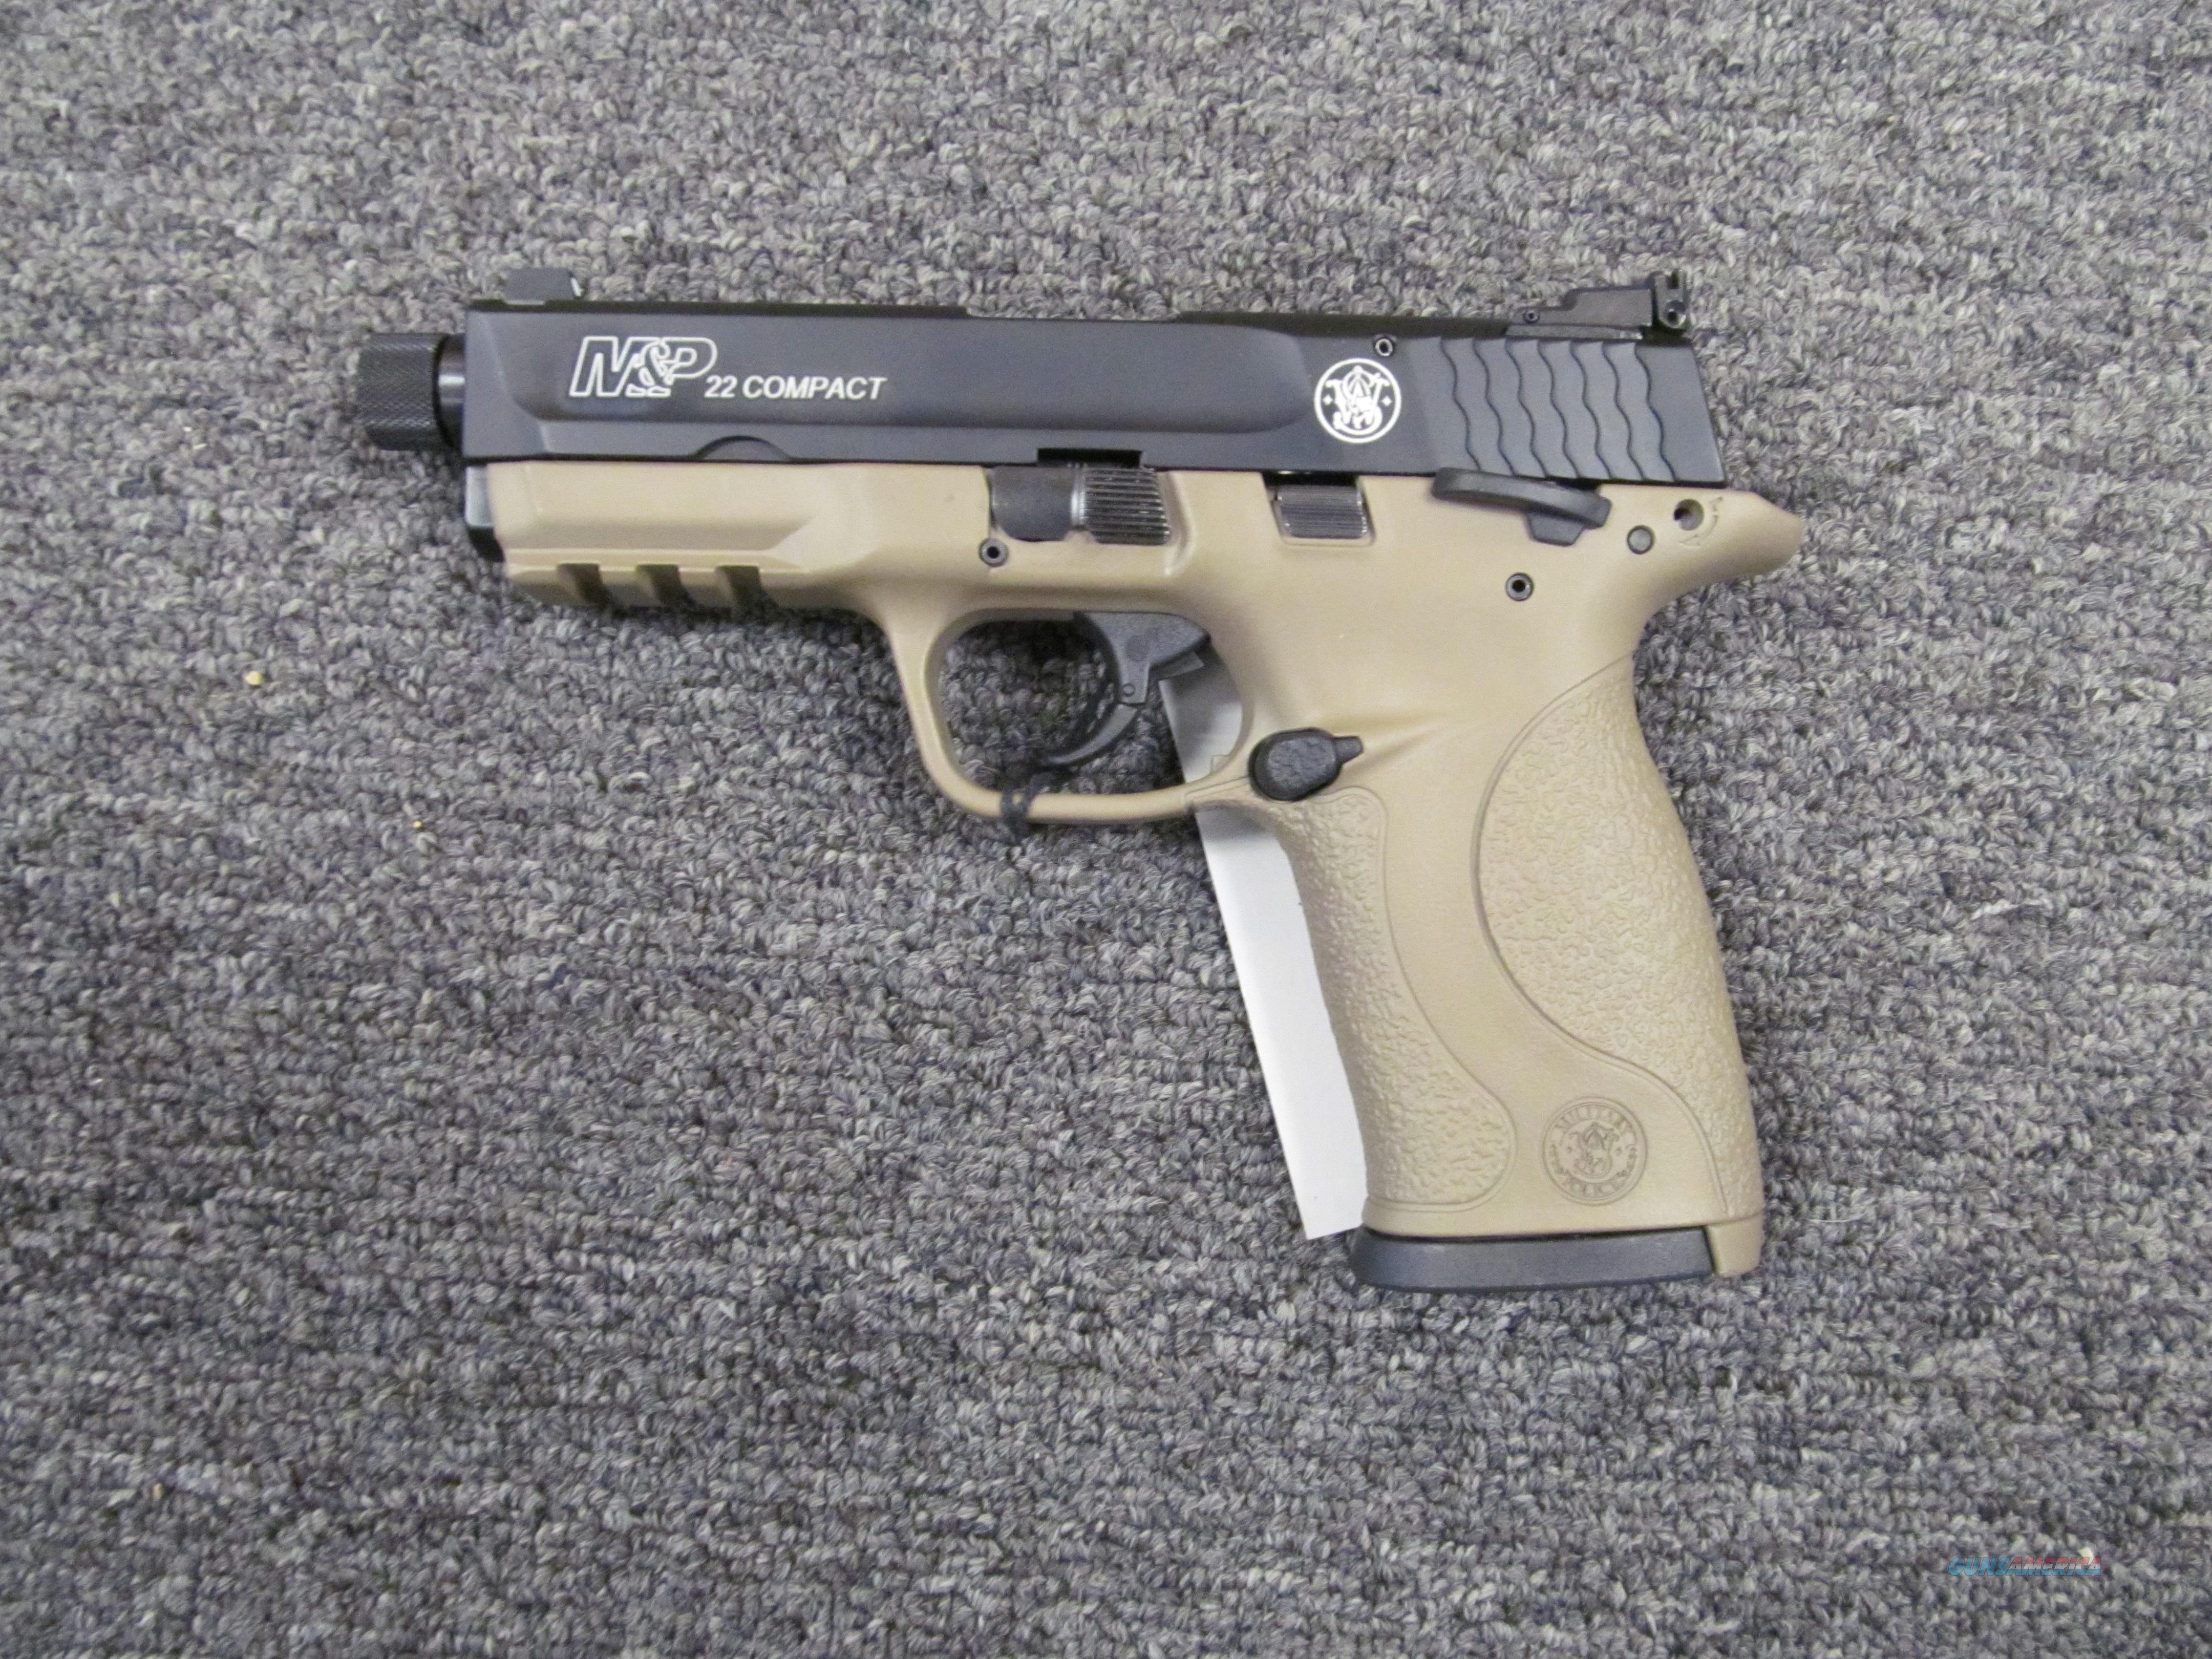 Smith & Wesson M&P-22 Compact  Guns > Pistols > Smith & Wesson Pistols - Autos > .22 Autos